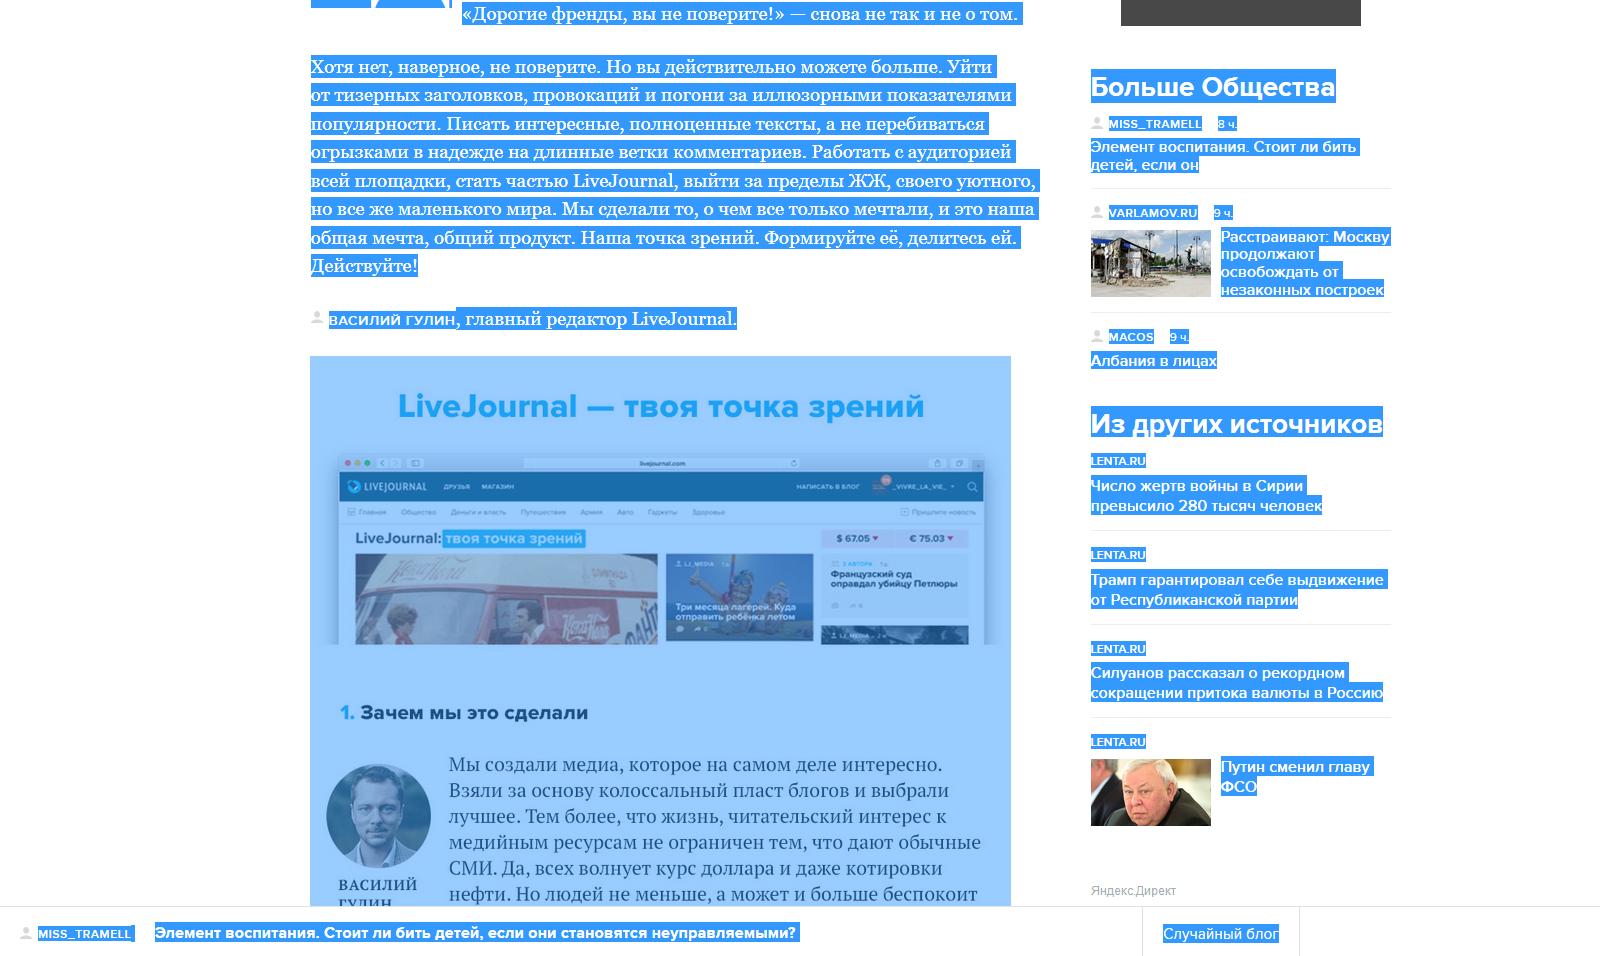 Блок под названием LiveJournal — твоя точка зрения — это гигантская картинка высотой ~ 6000 px с репликами сотрудников Rambler&Co в виде графики